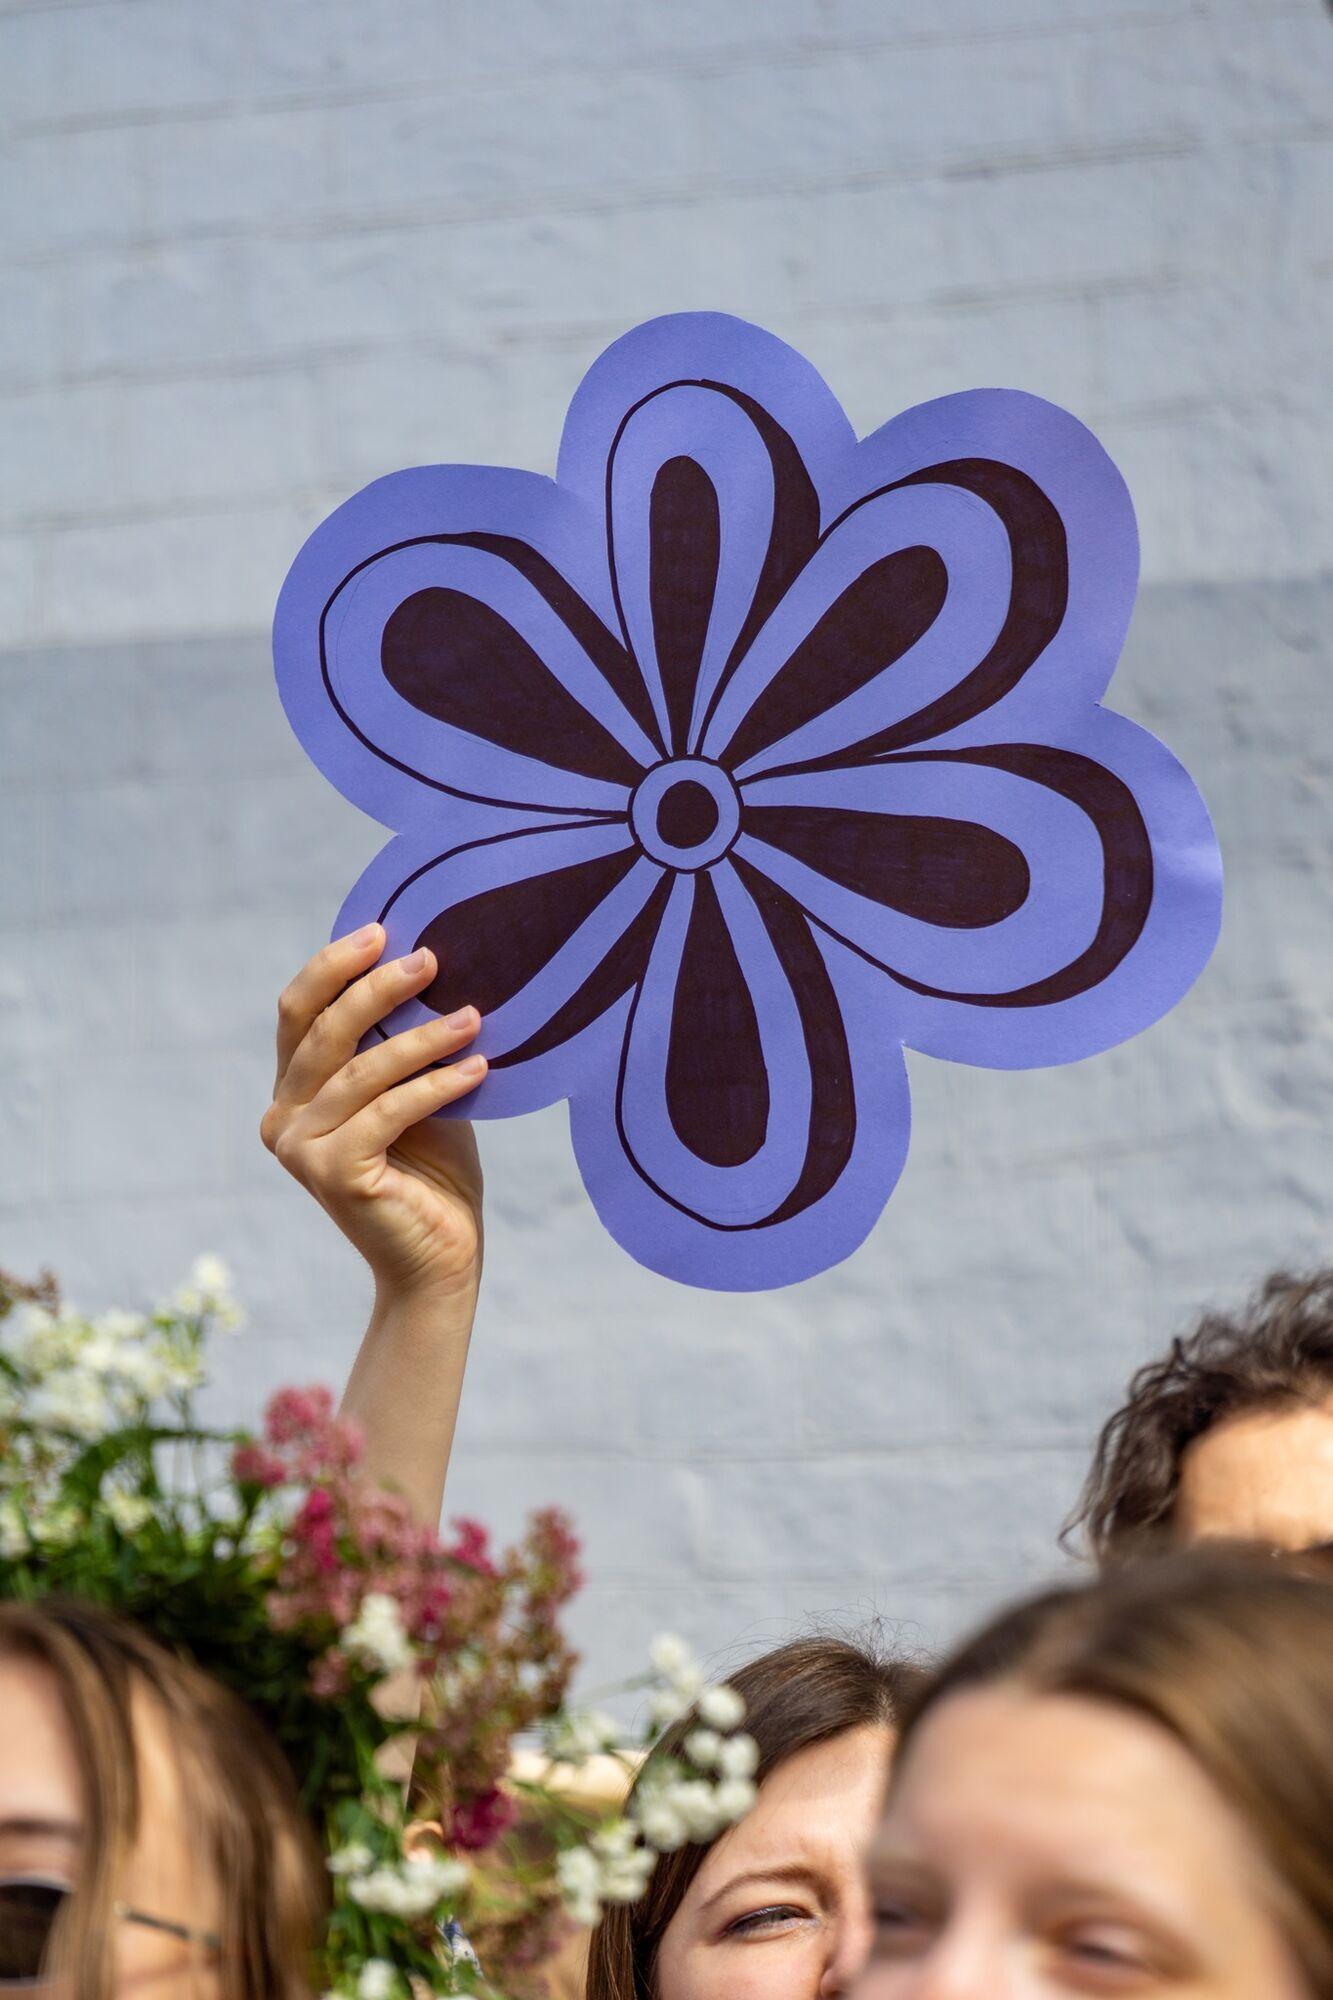 Квітка - символ знакової споруди.